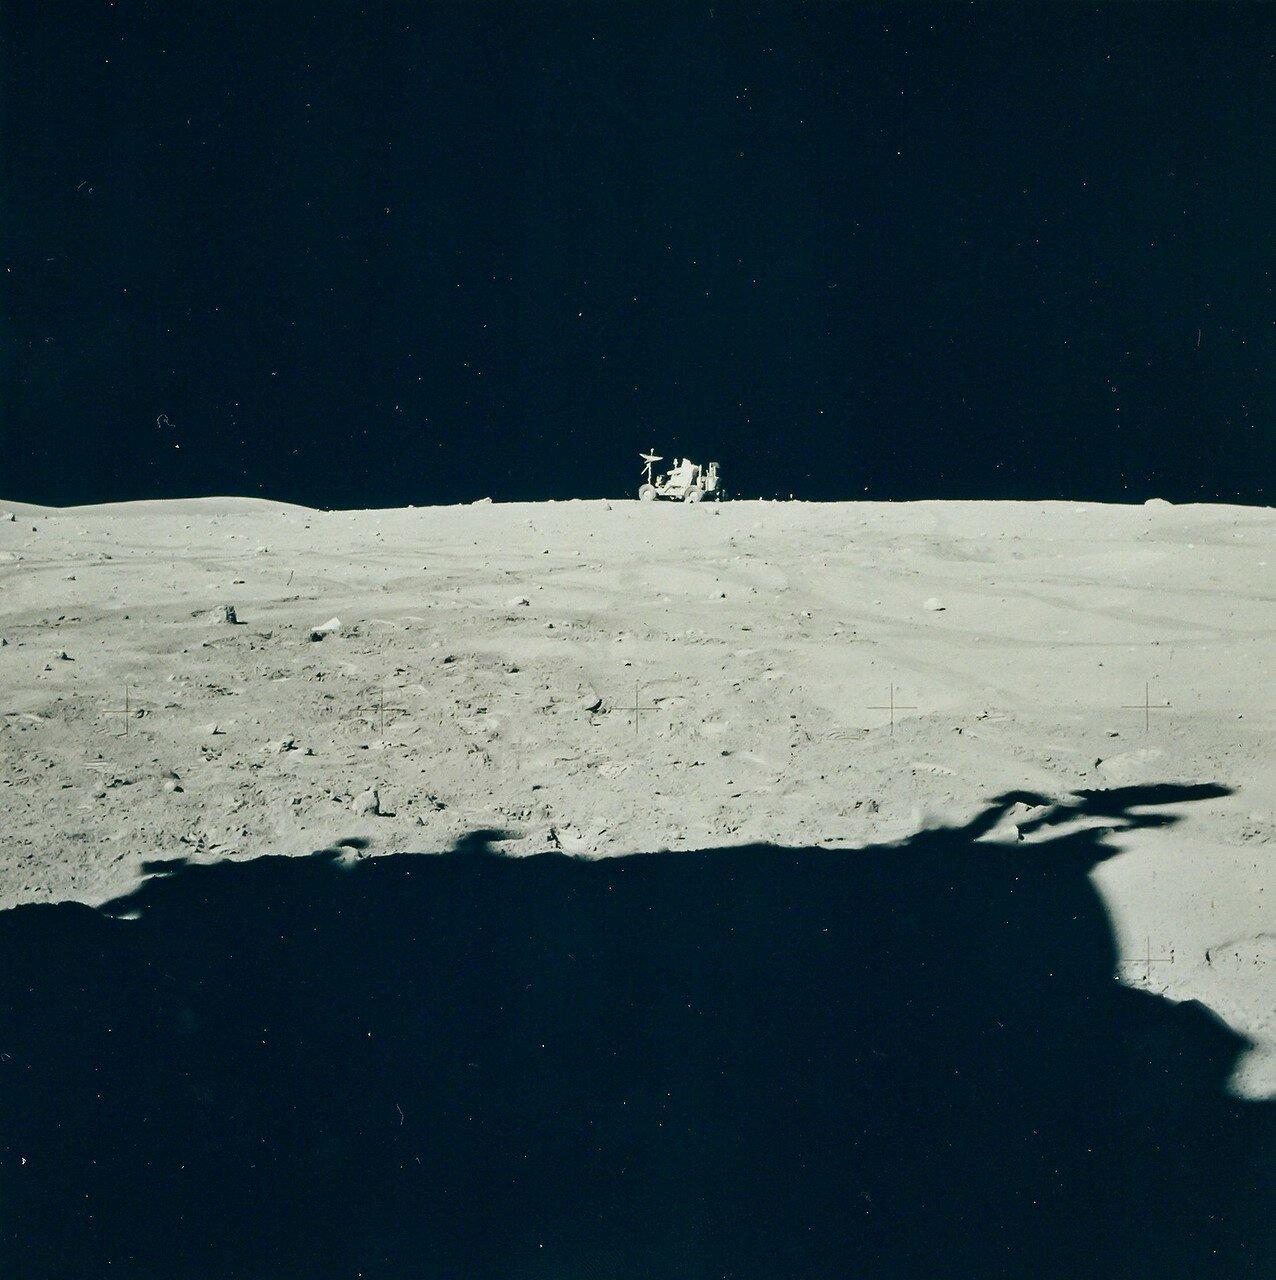 От кратера Плам астронавты поехали назад. Они уже отставали от графика на 24 минуты. На снимке Джон Янг ведет «Ровер» обратно к ЛМ